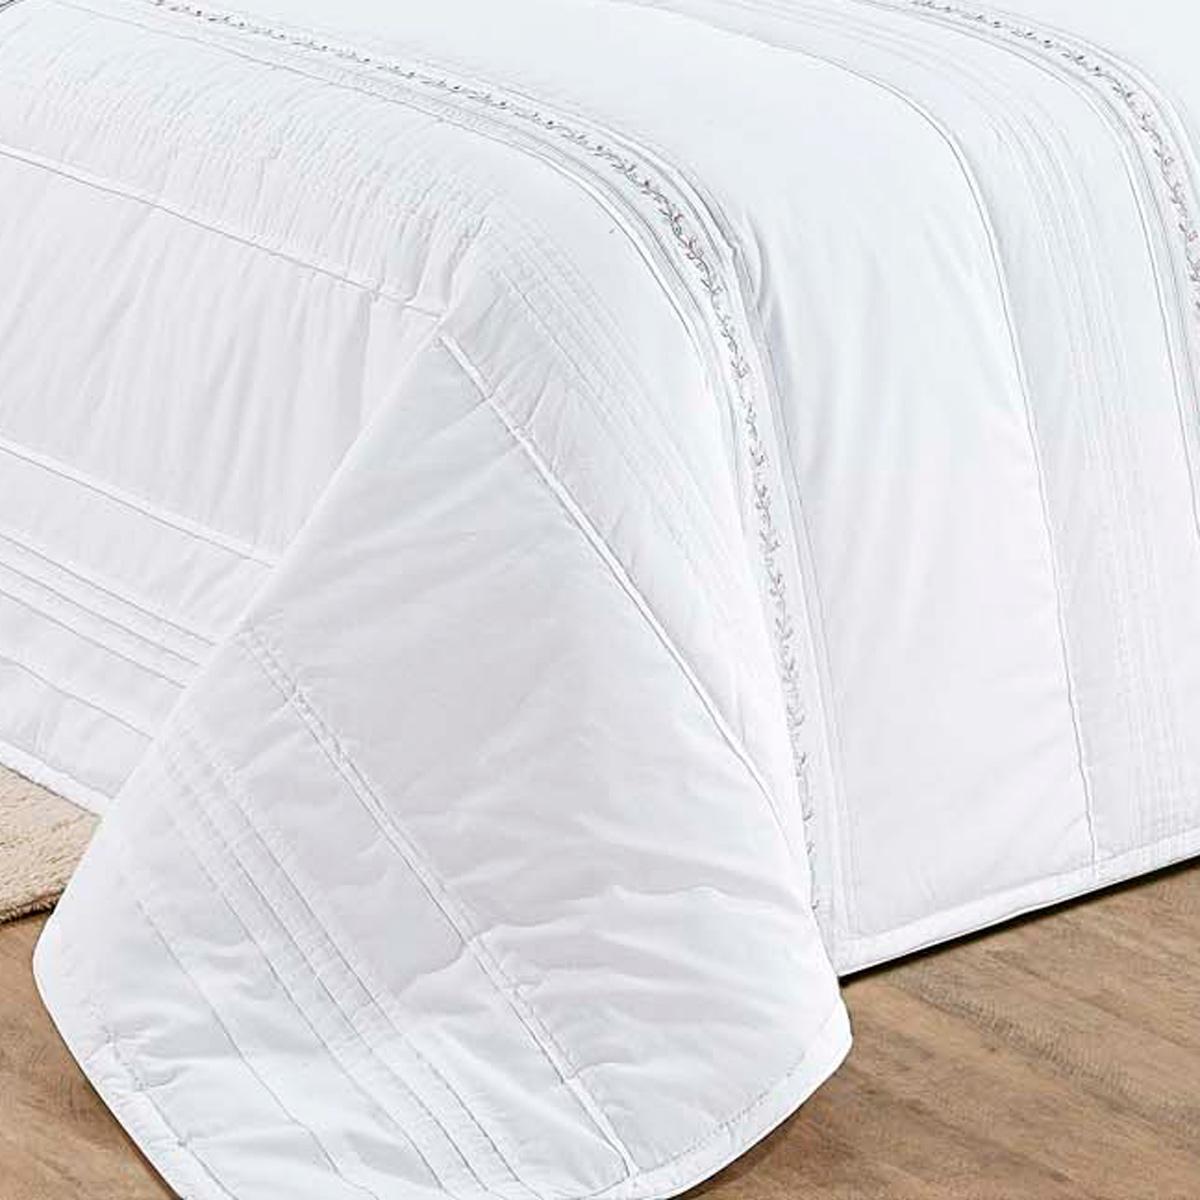 Colcha de Cama Cama Super King Size Branco Percal 200 fios com 7 peças - Colcha Serenita